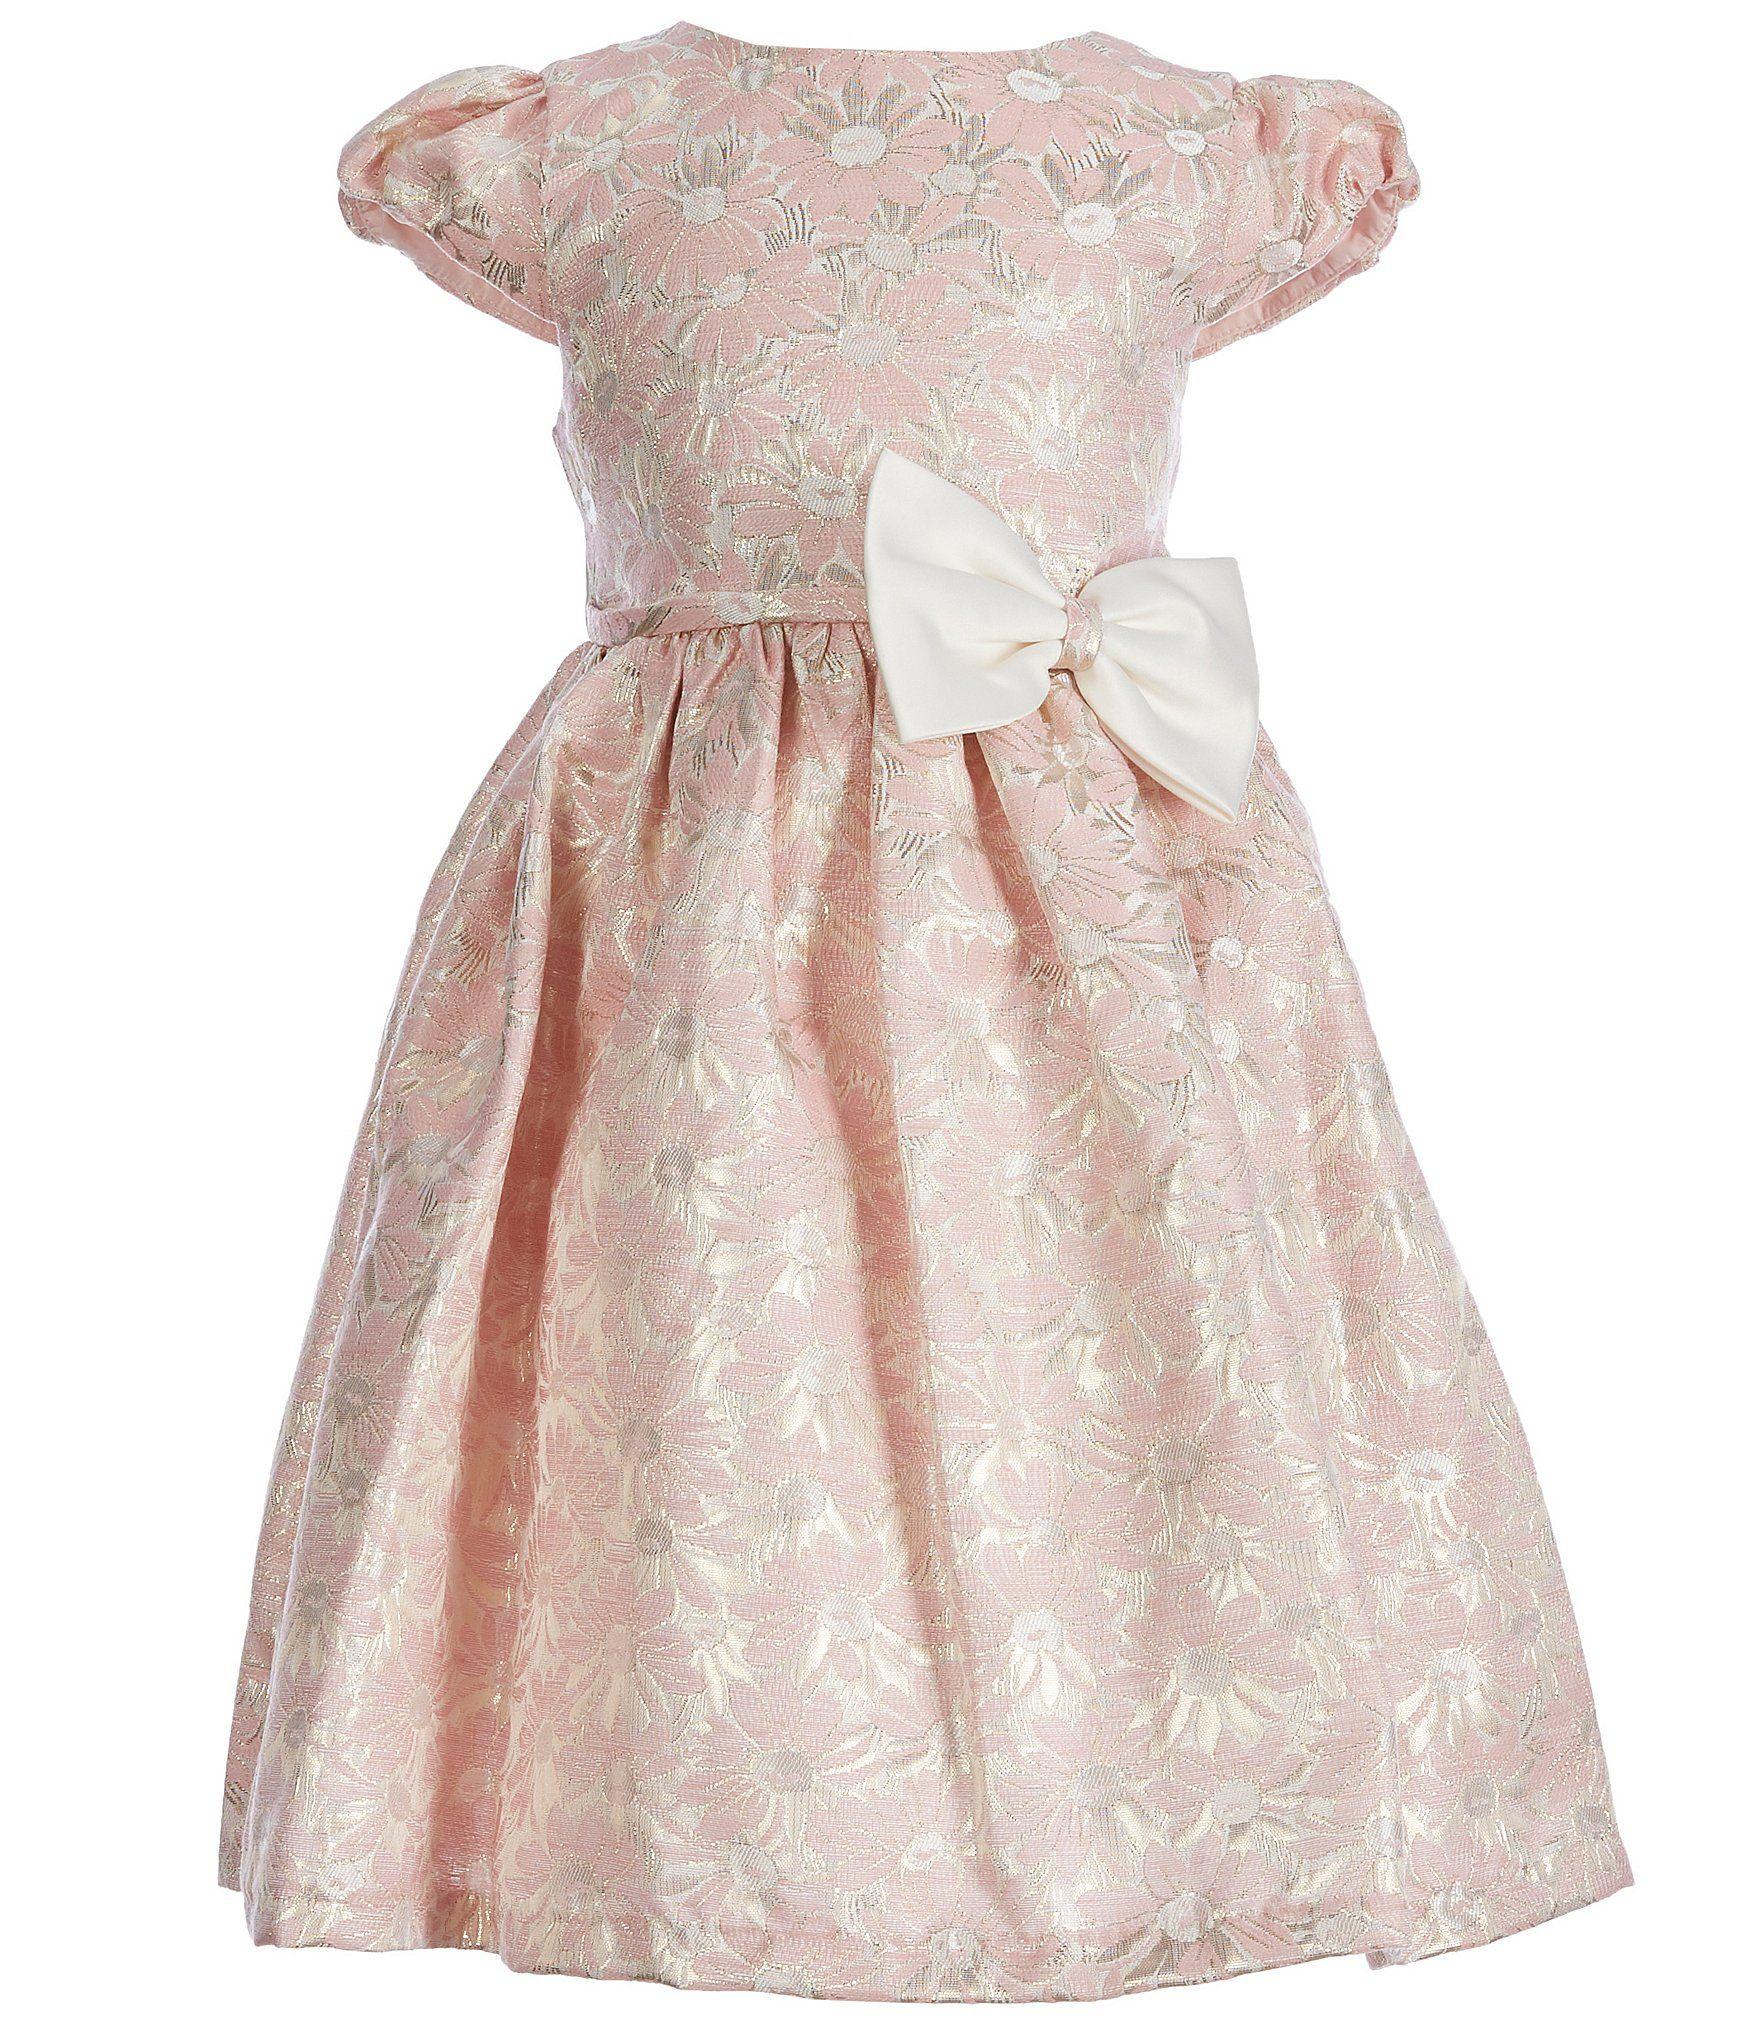 f6a59494122 Dillards Dresses Flower Girl